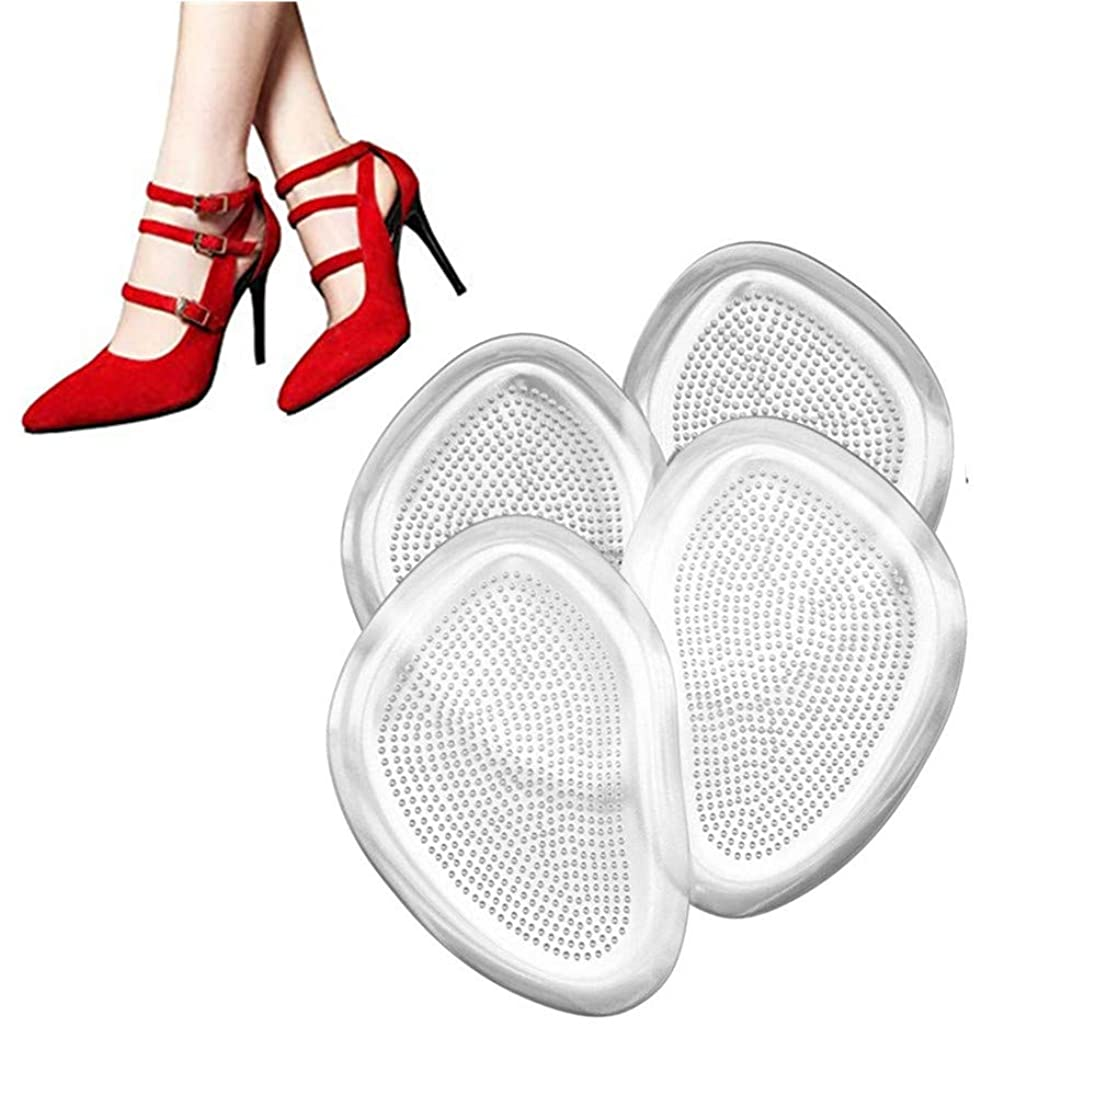 キネマティクスアリ害足裏保護パッド つま先保護カバー インソール前ズレ防止 ジェルパッド シリコンクッション つま先の痛み緩和 疲れ緩和 足裏マッサージ 靴ずれ防止パッド 柔らかい 2足分 4枚入り